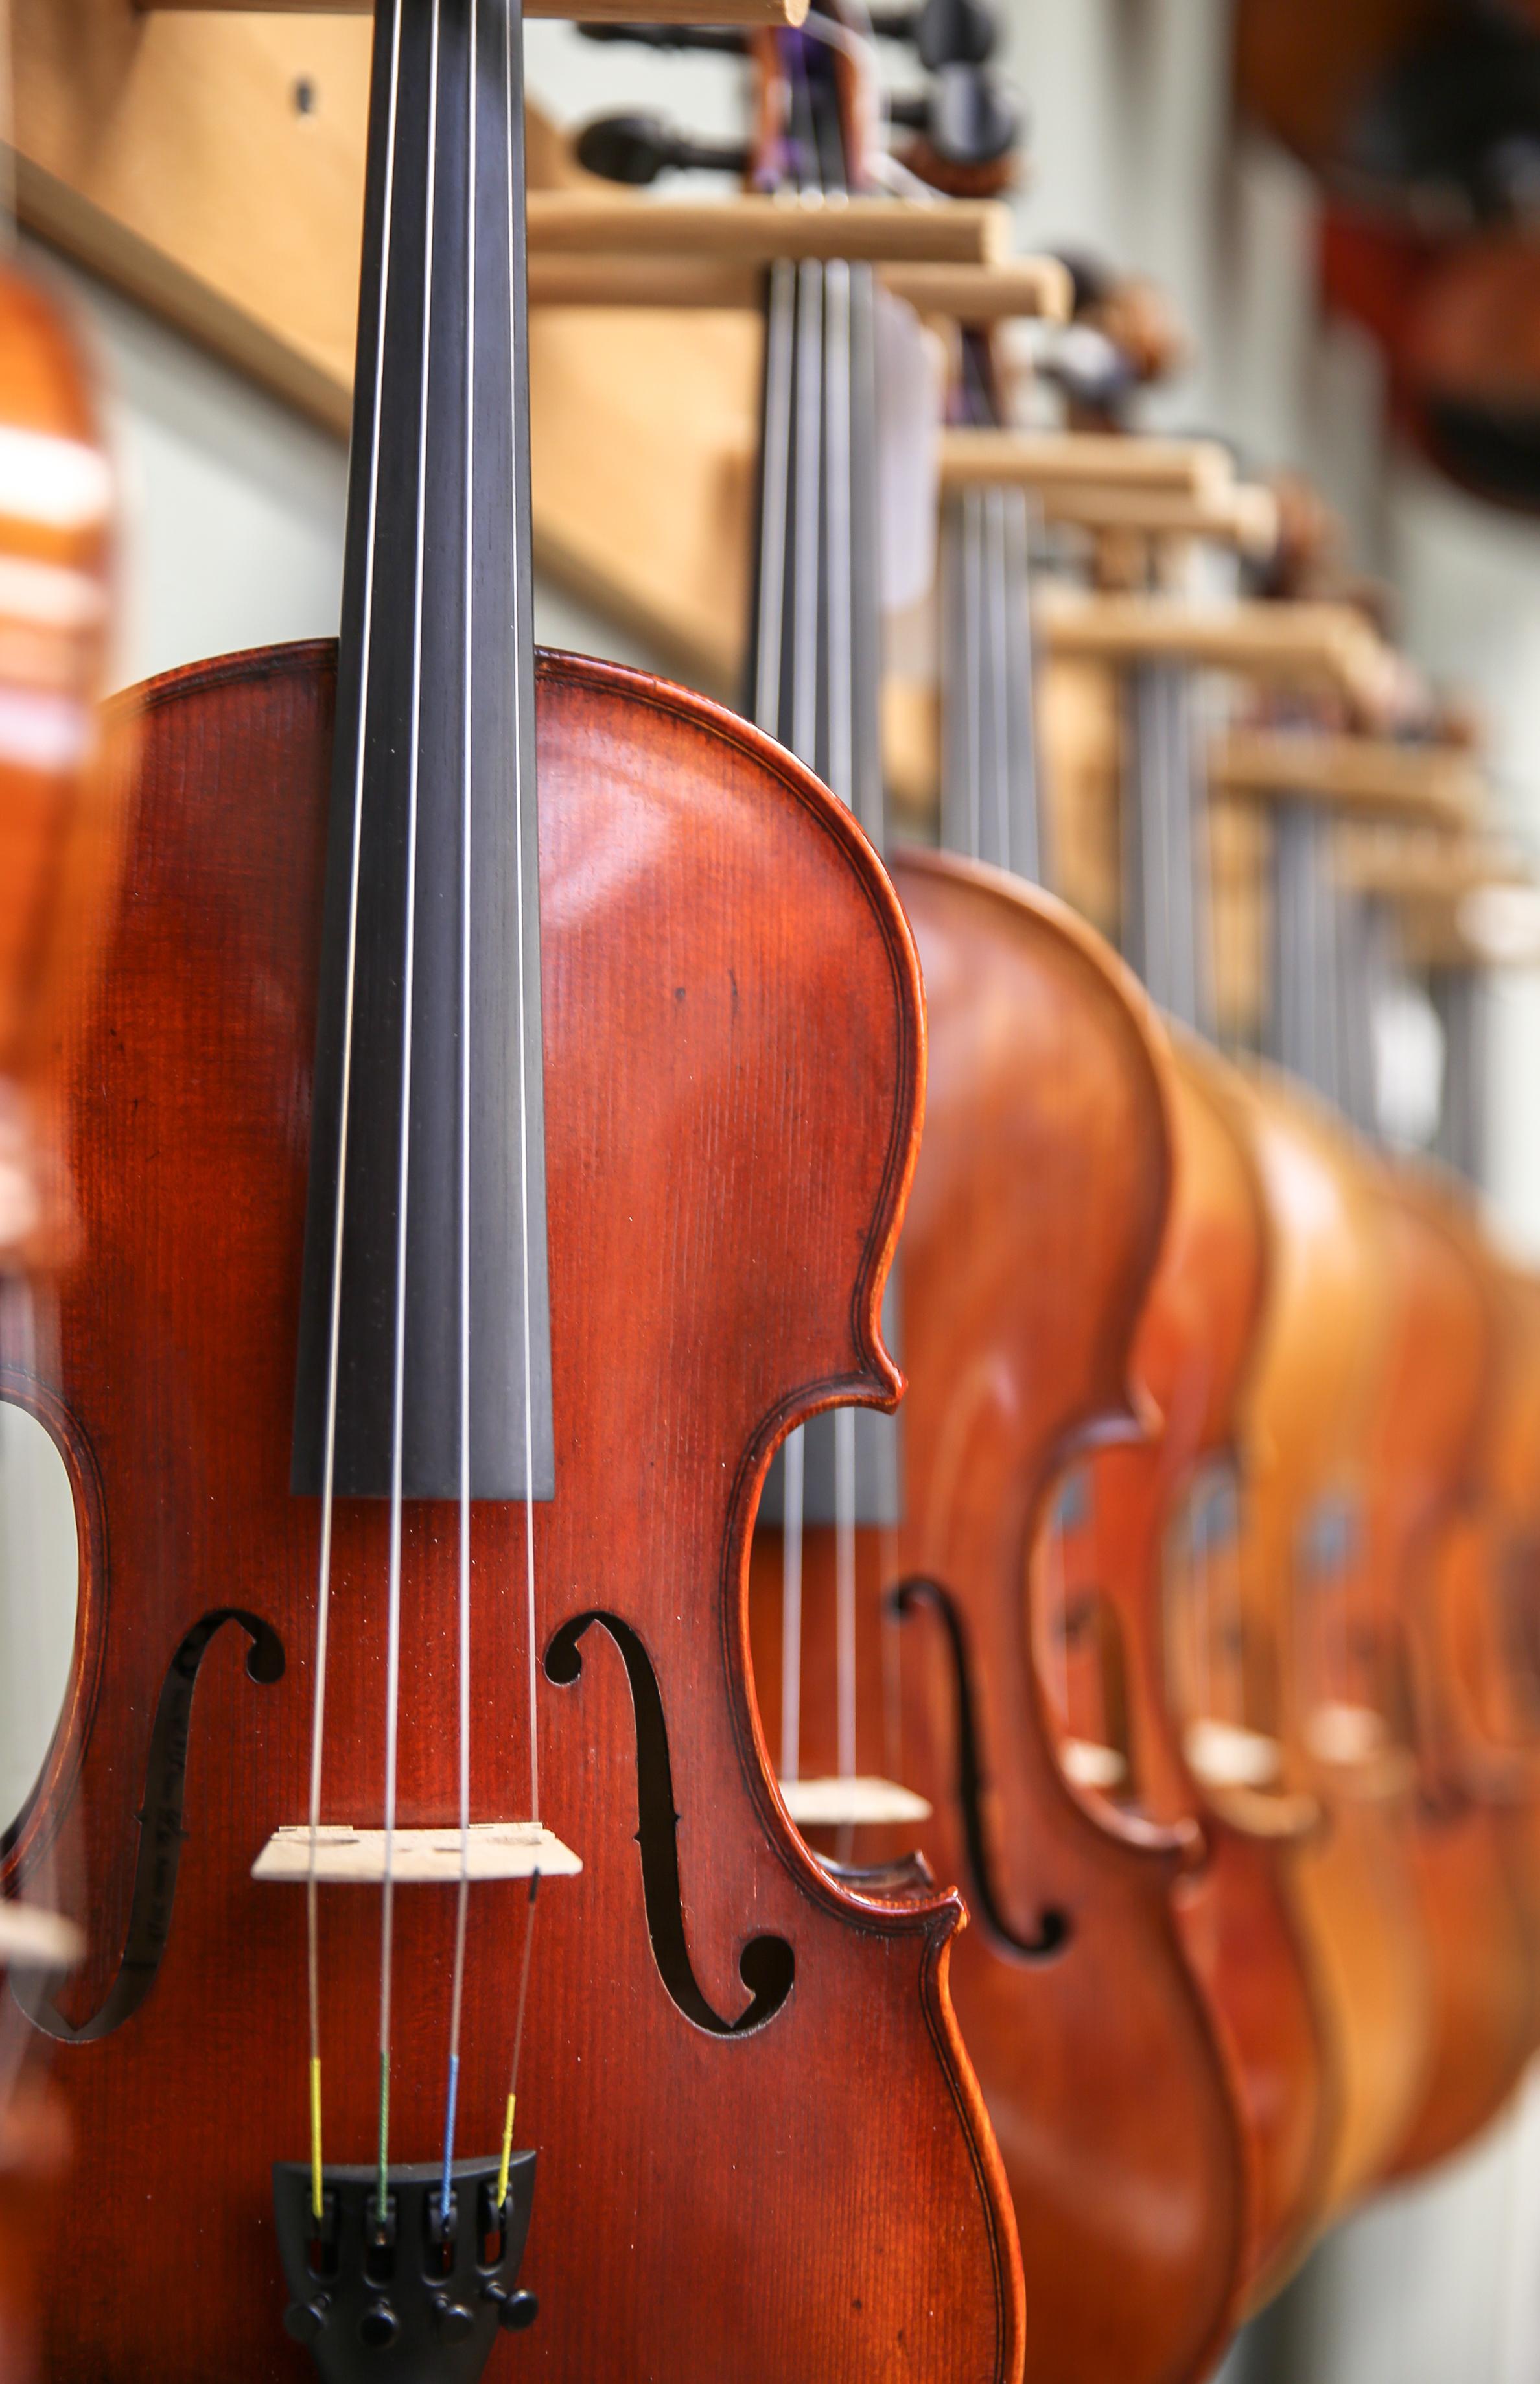 Hanging violins.jpg